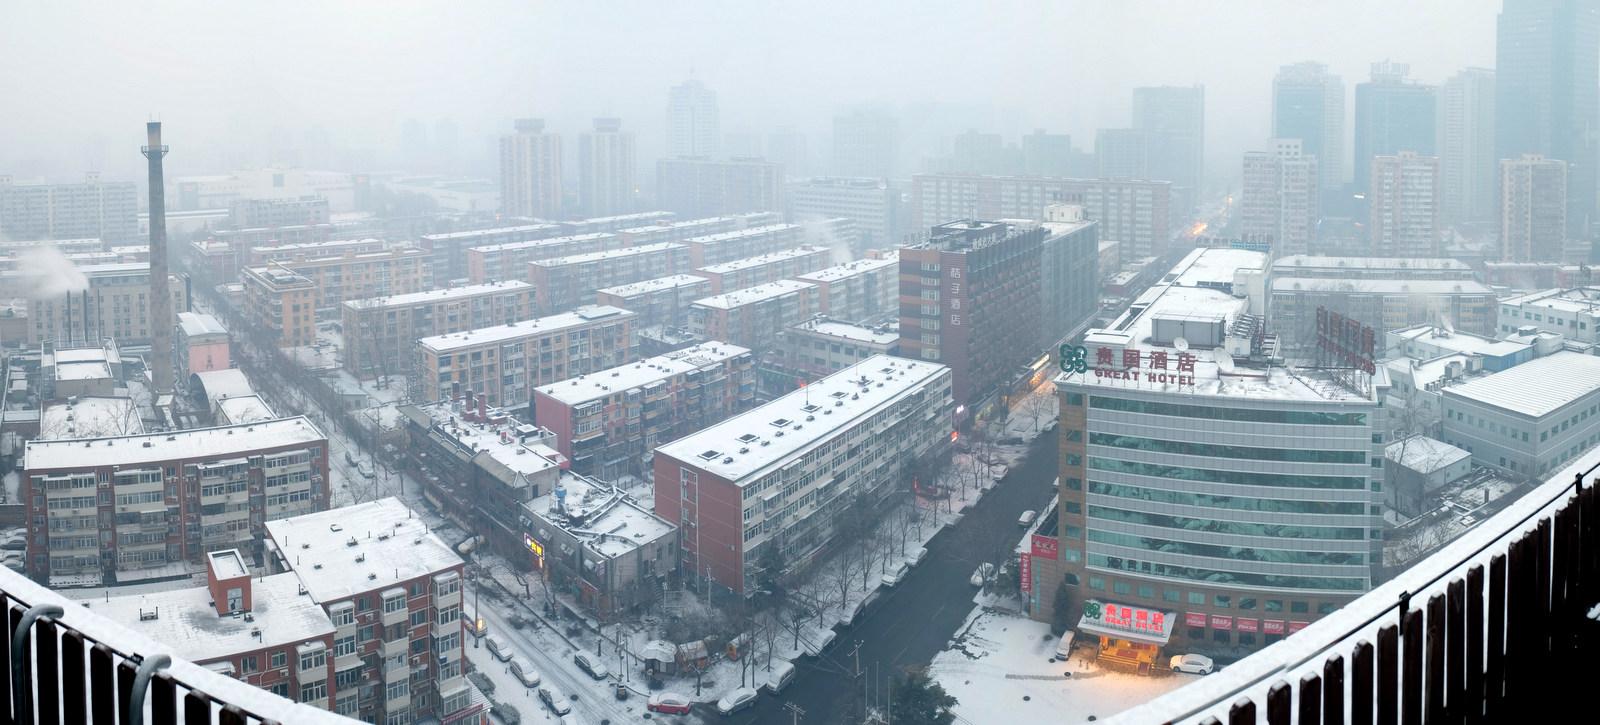 Pano_Beijing Schnee